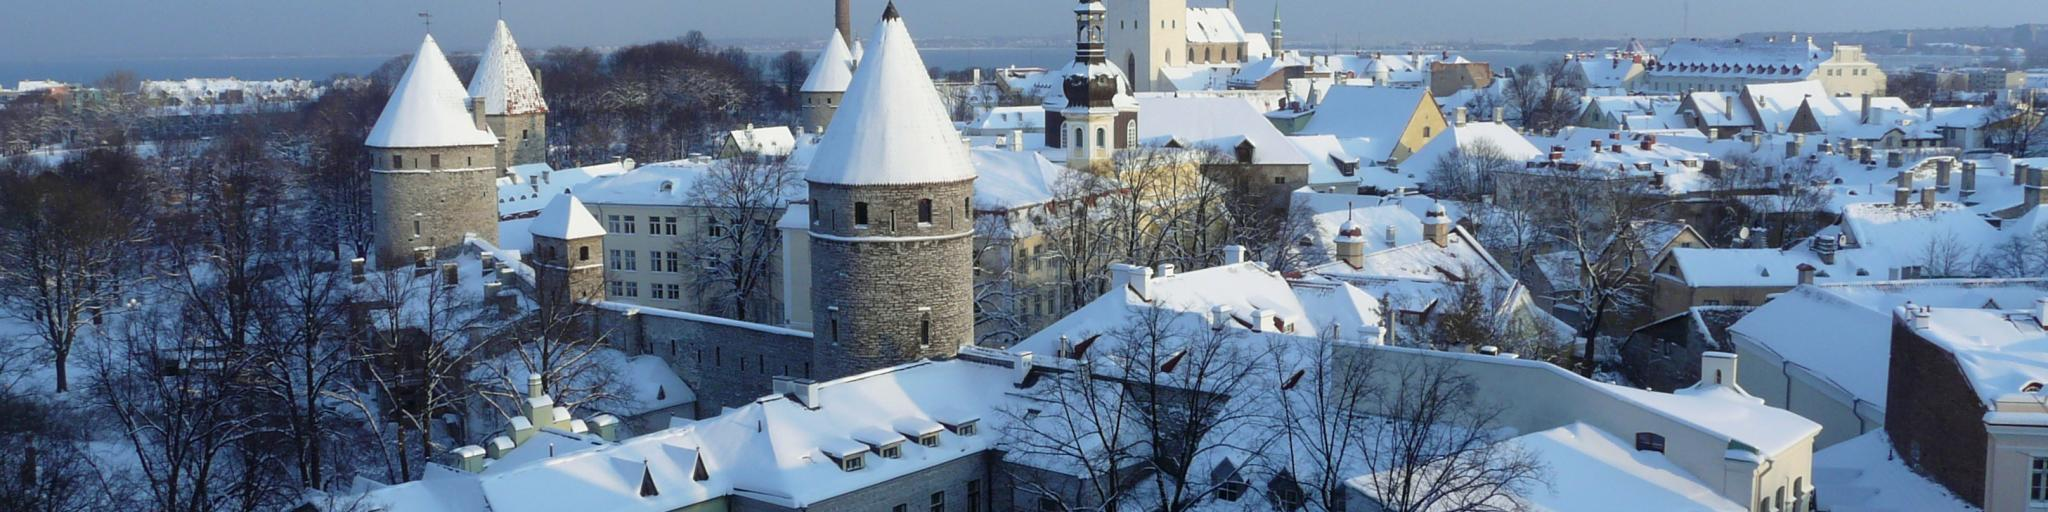 Tallinn Old Town , Tallinn, Estonia